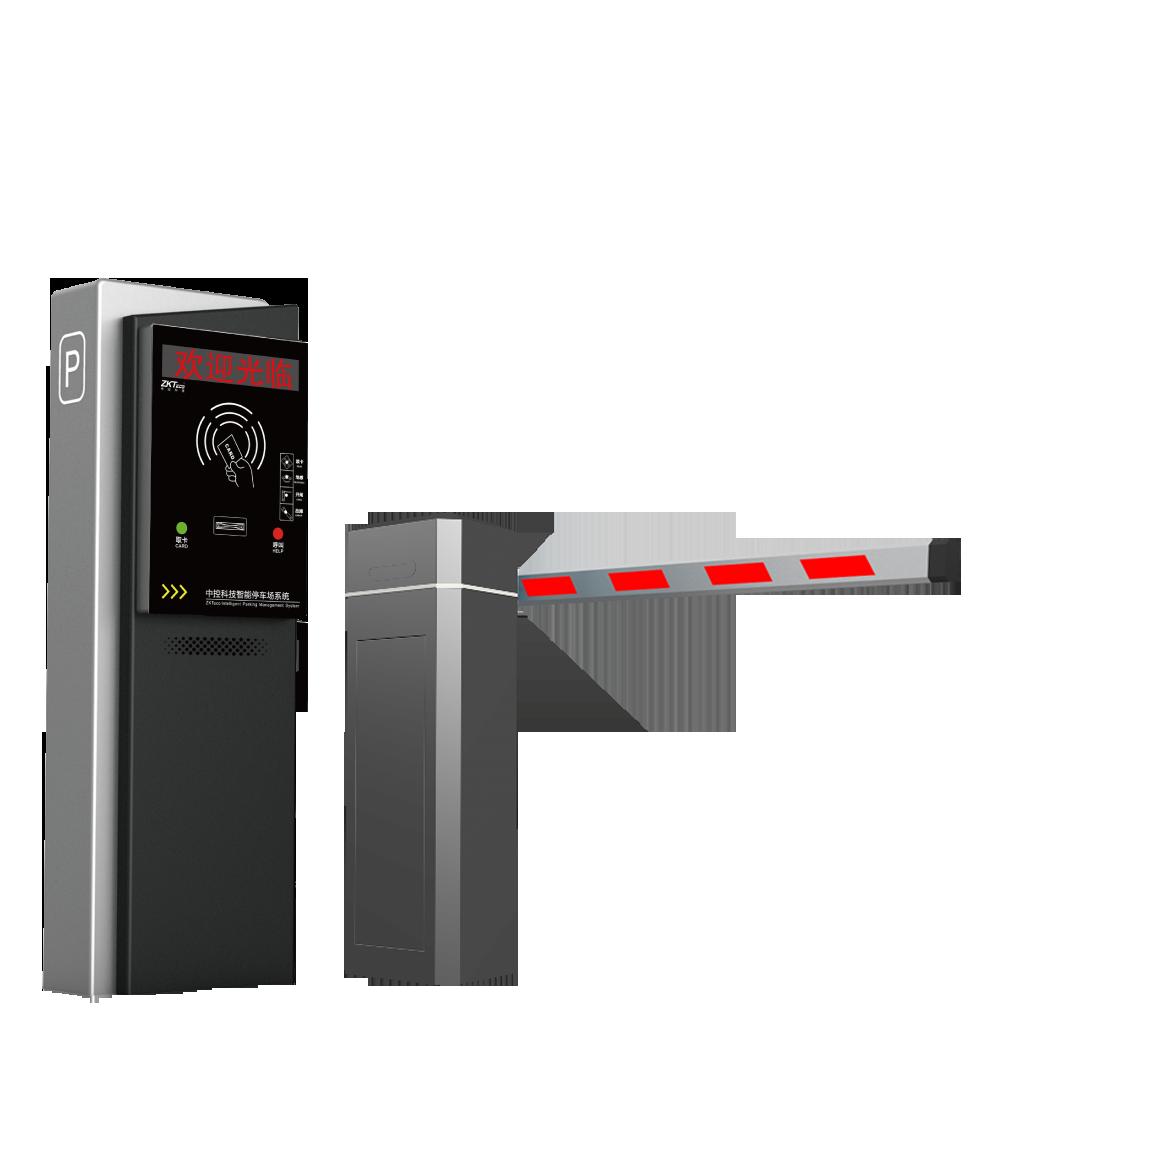 供应停车场系统 中控科技重庆停车场系统 江北收费道闸票箱挡车器